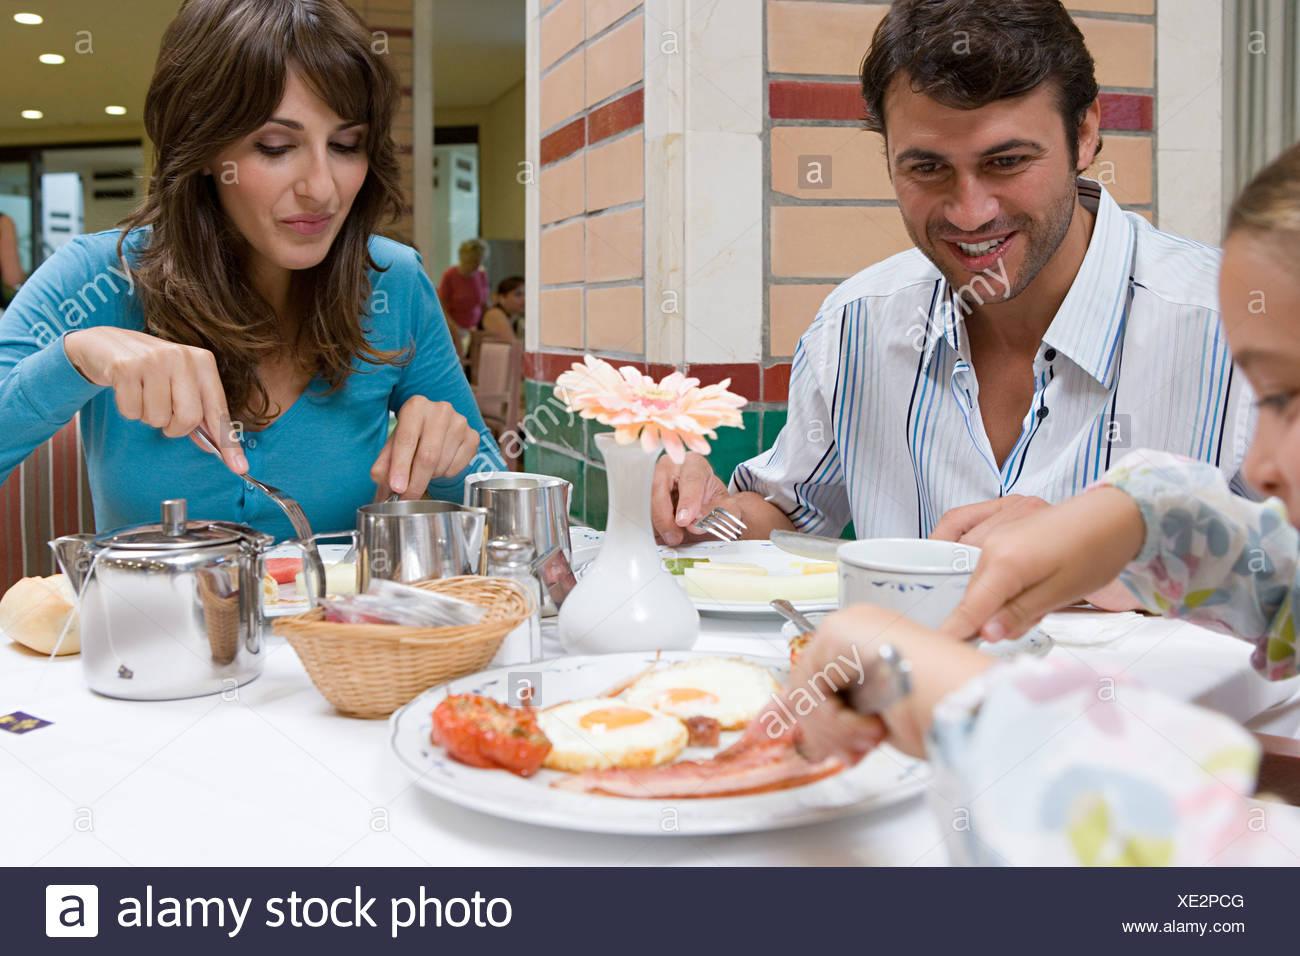 Family eating breakfast - Stock Image